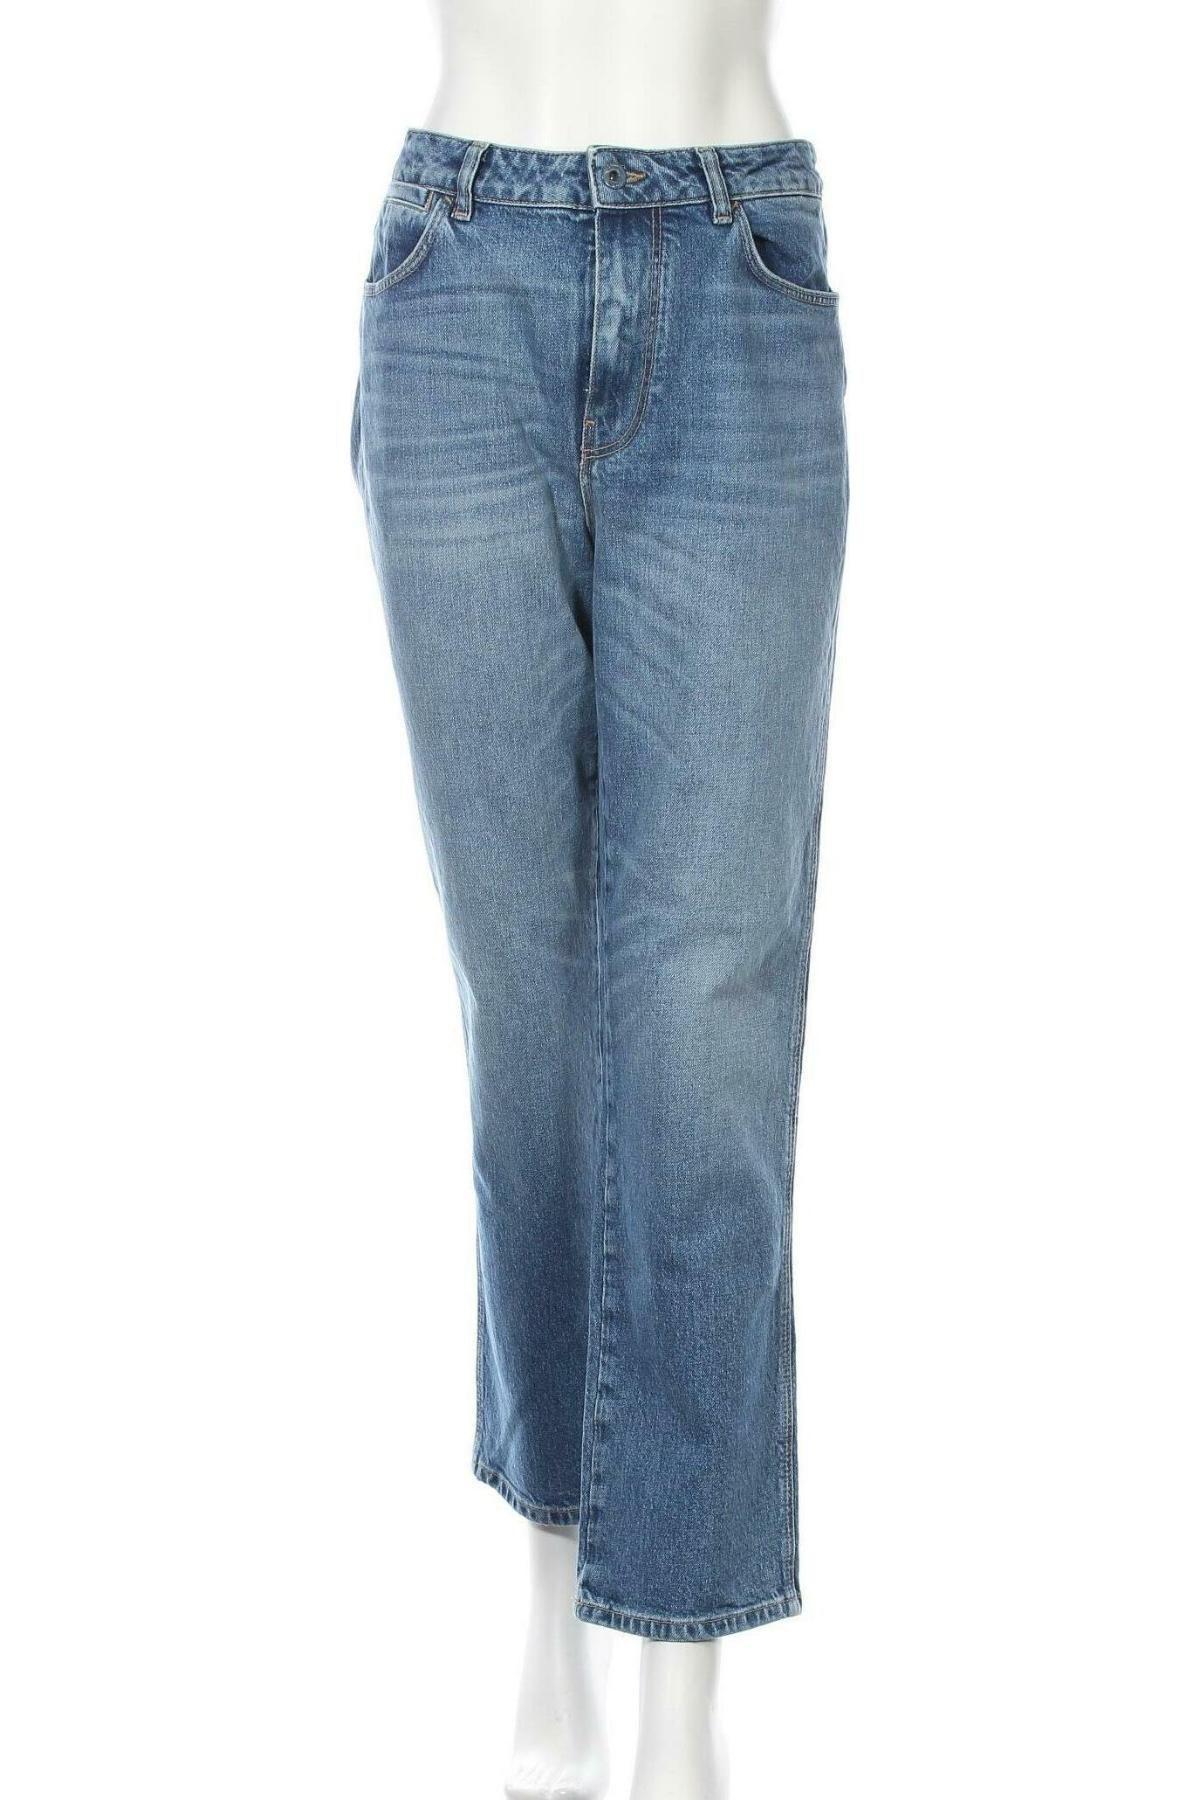 Дамски дънки Massimo Dutti, Размер L, Цвят Син, 99% памук, 1% еластан, Цена 52,51лв.